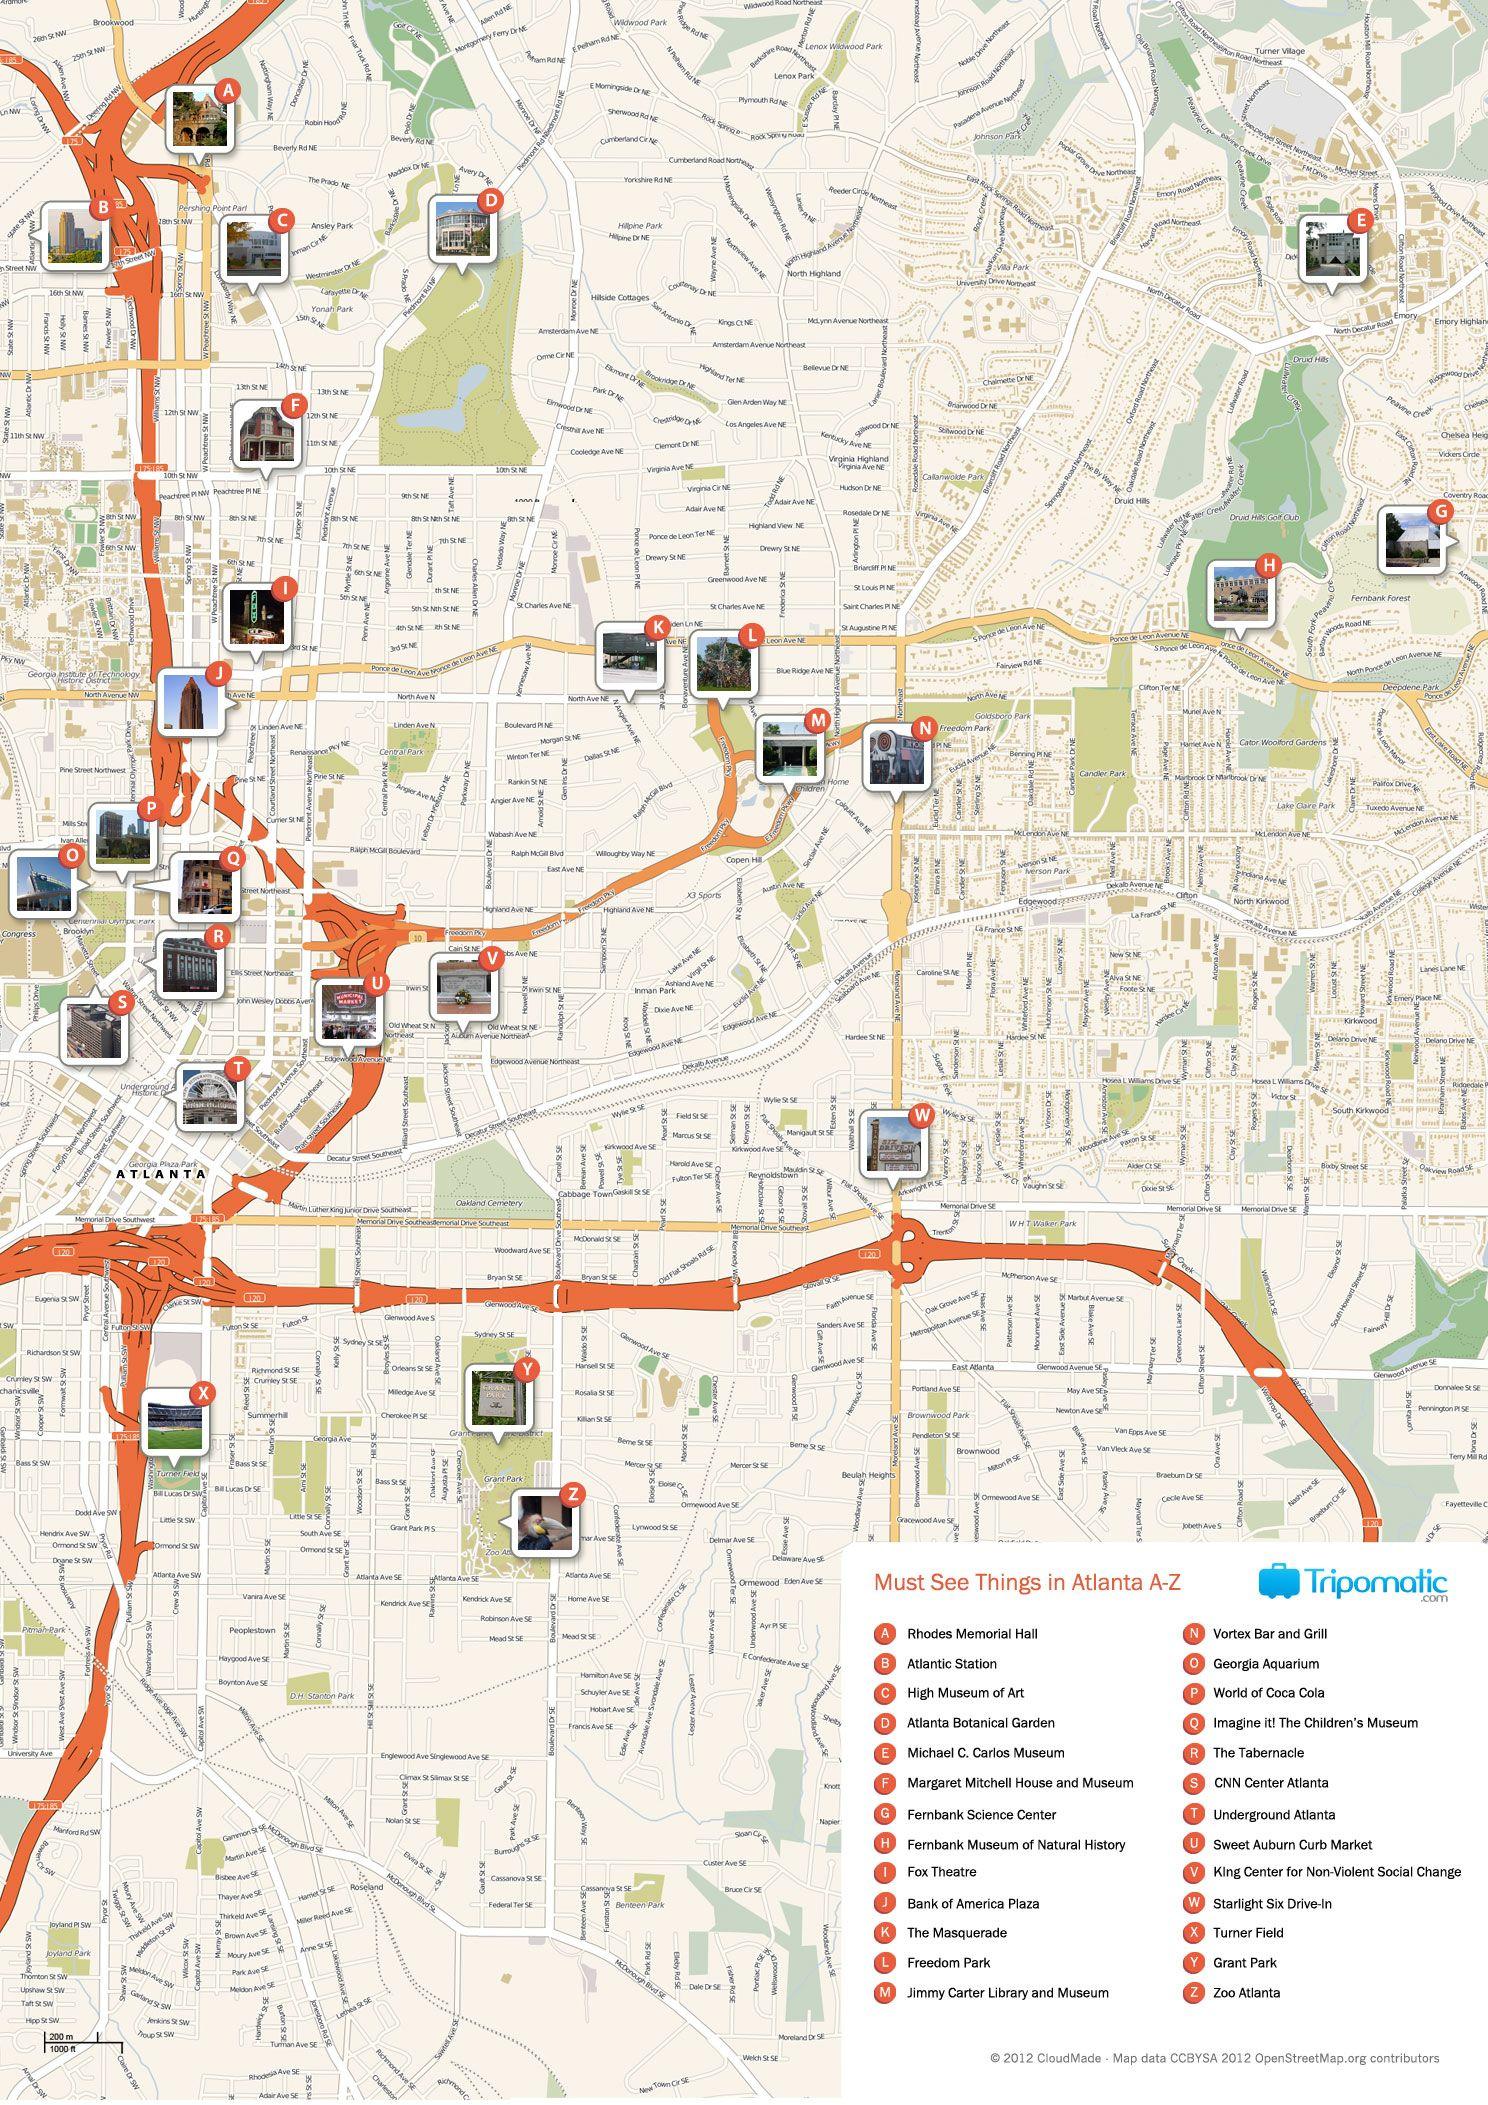 Atlanta Printable Tourist Map Tourist Map Atlanta